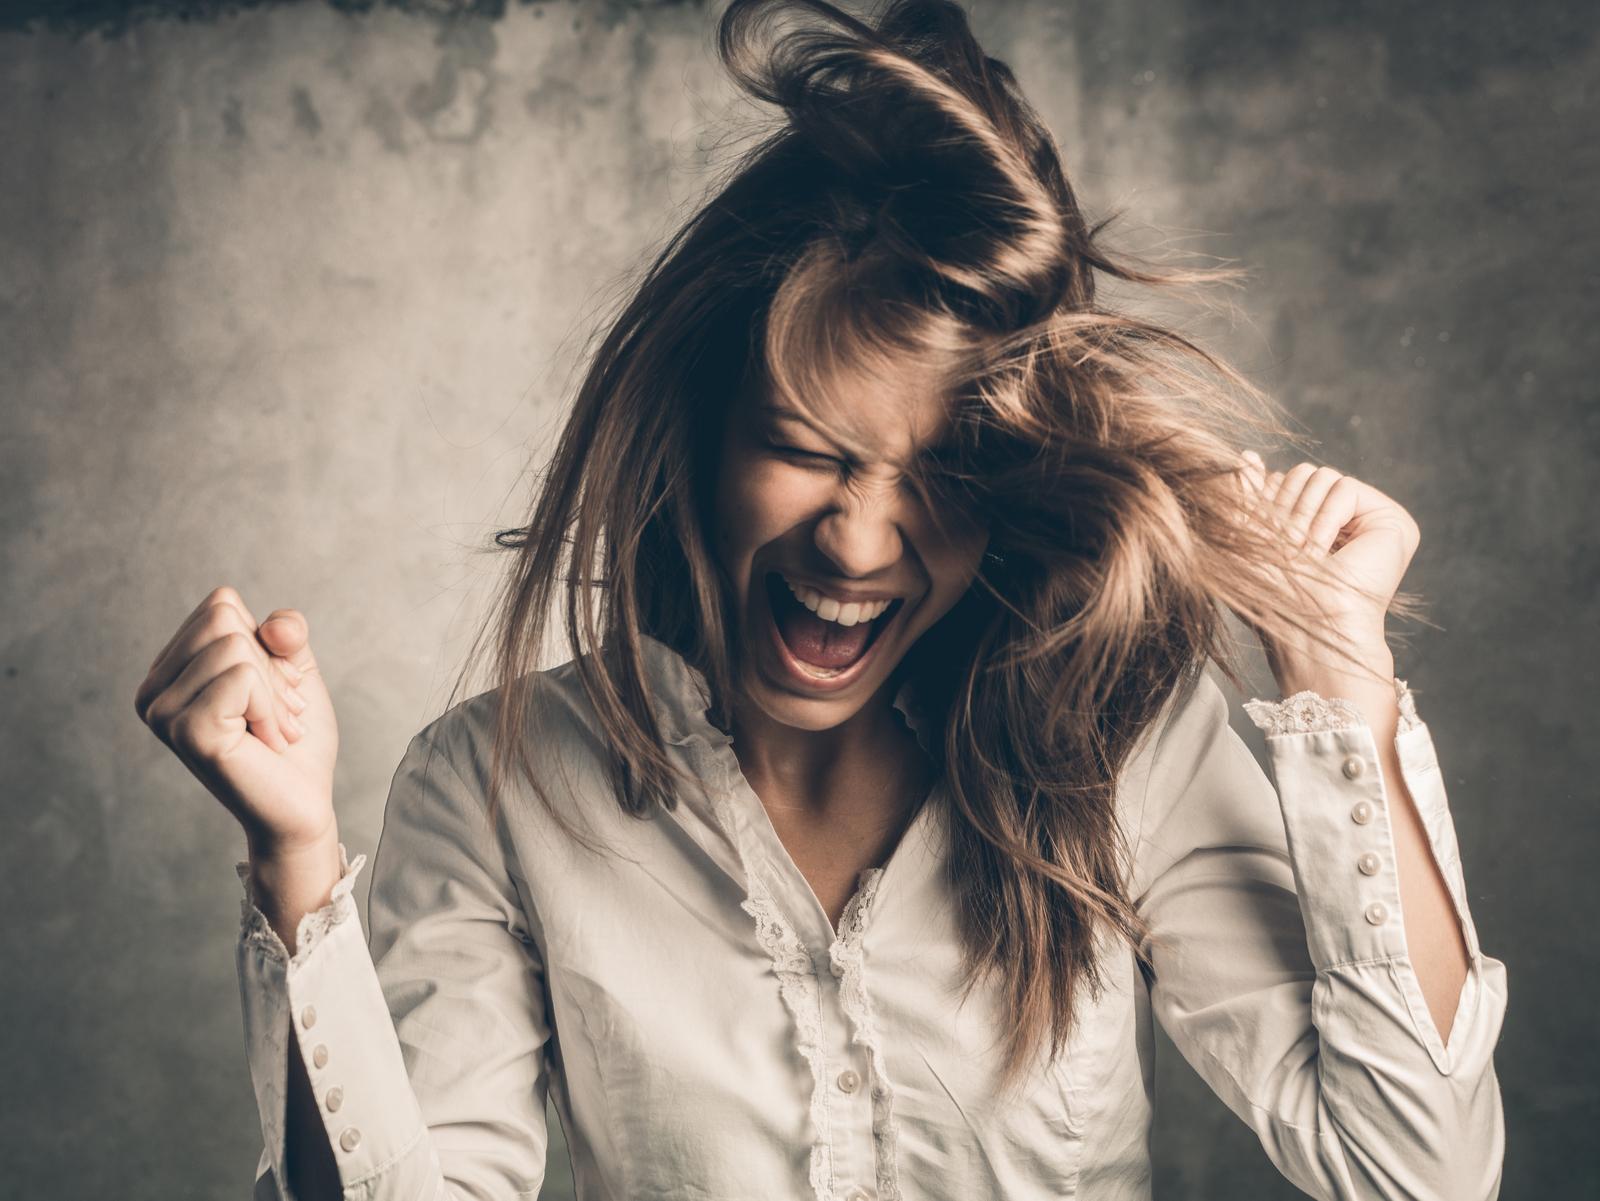 resilienza: come affrontare le difficoltà in modo positivo